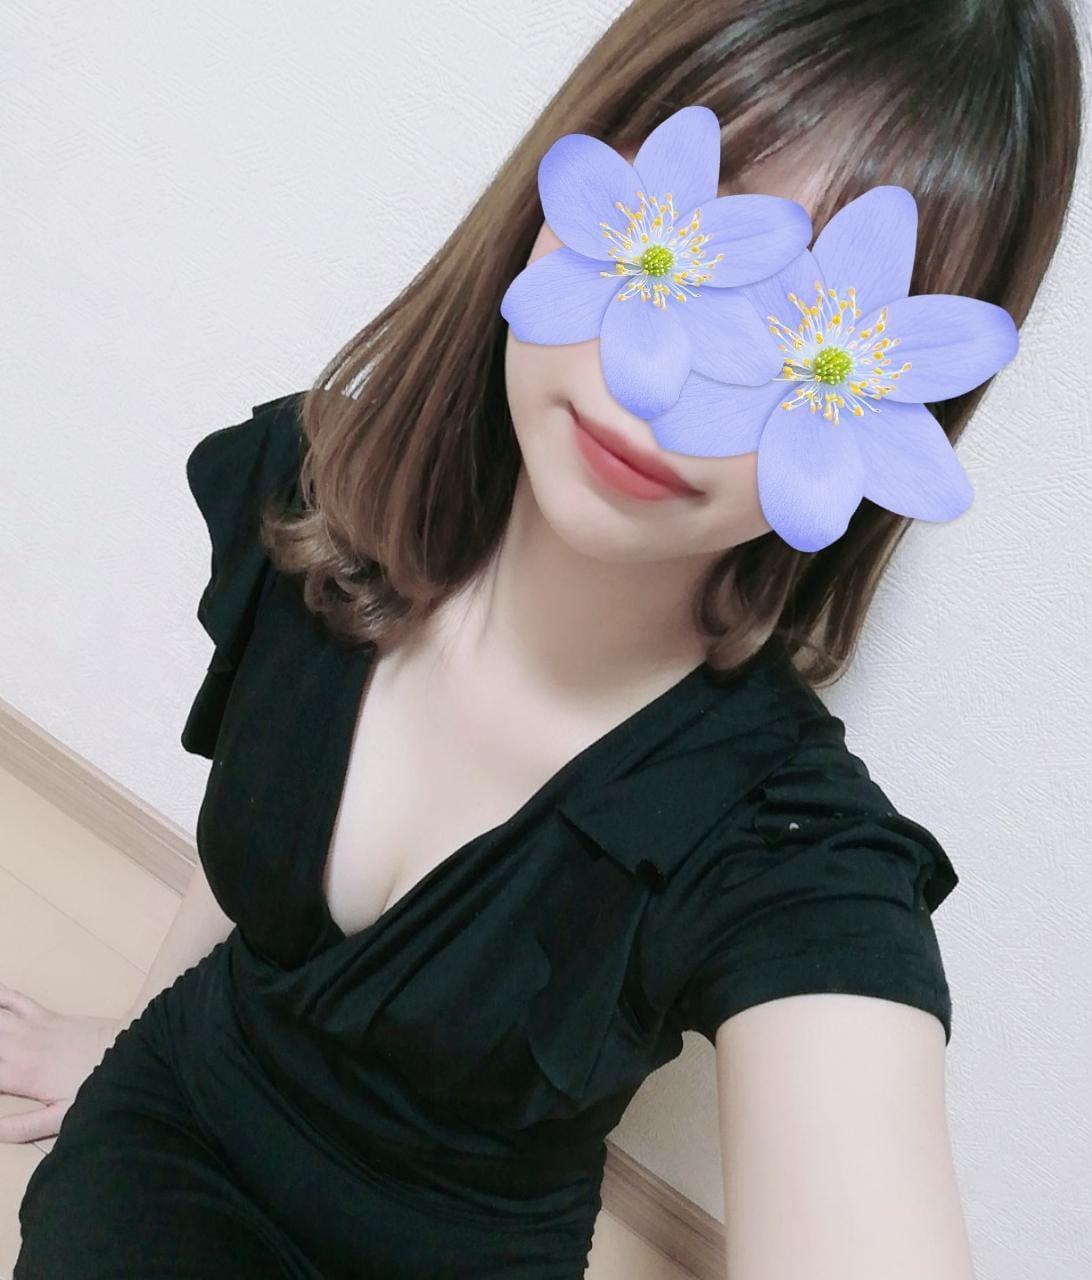 柏木 ひなの-HINANO-「マスク」01/24(金) 18:20 | 柏木 ひなの-HINANO-の写メ・風俗動画